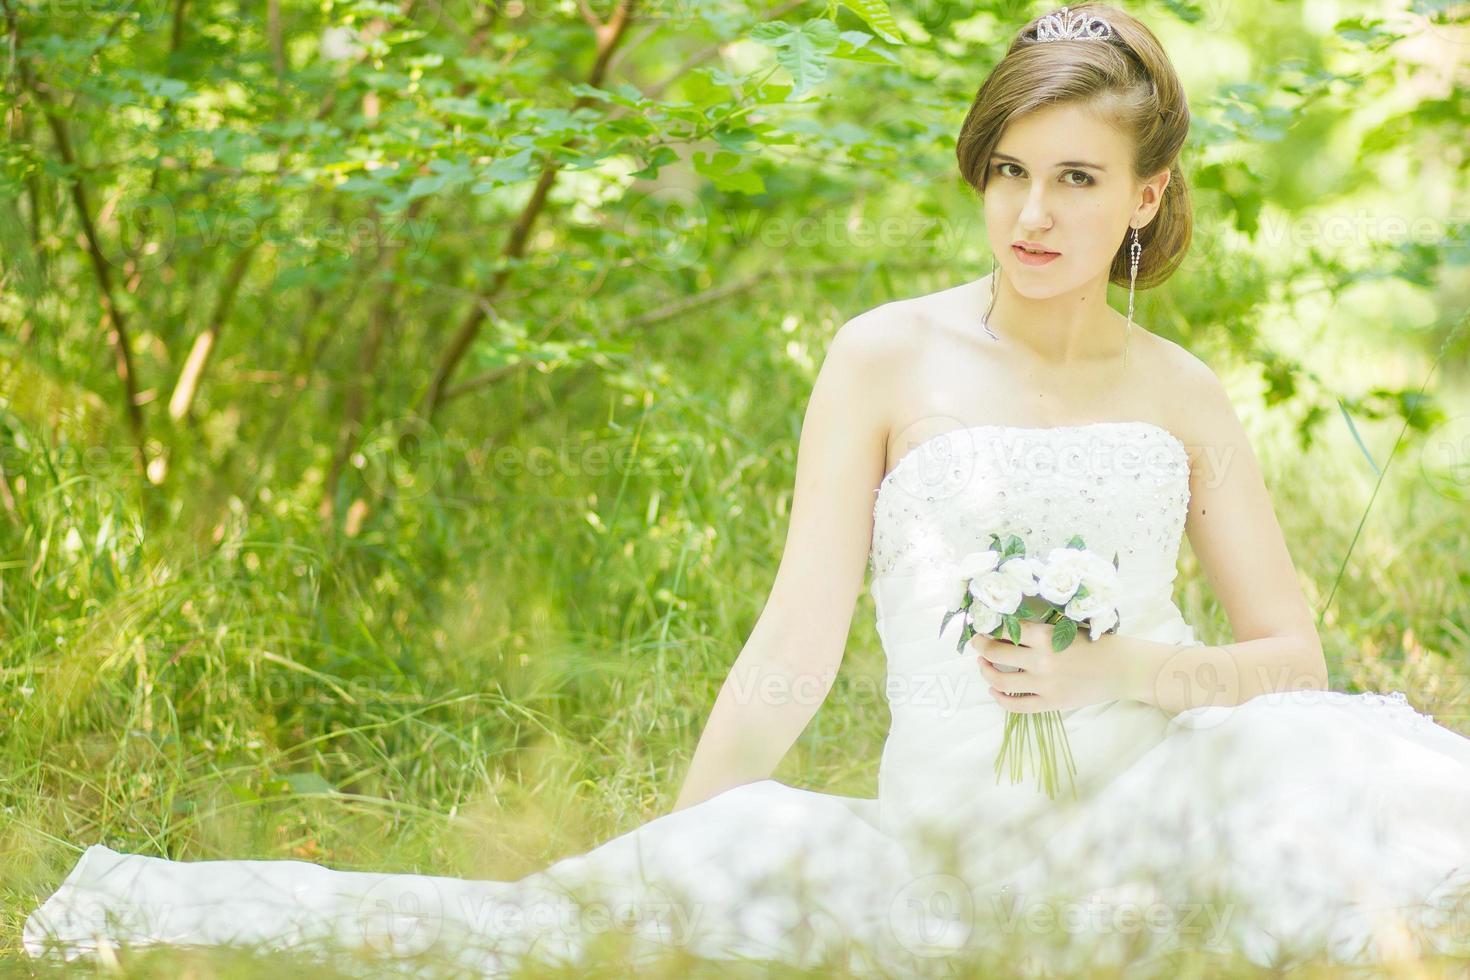 Porträt einer schönen jungen Braut in der Natur foto